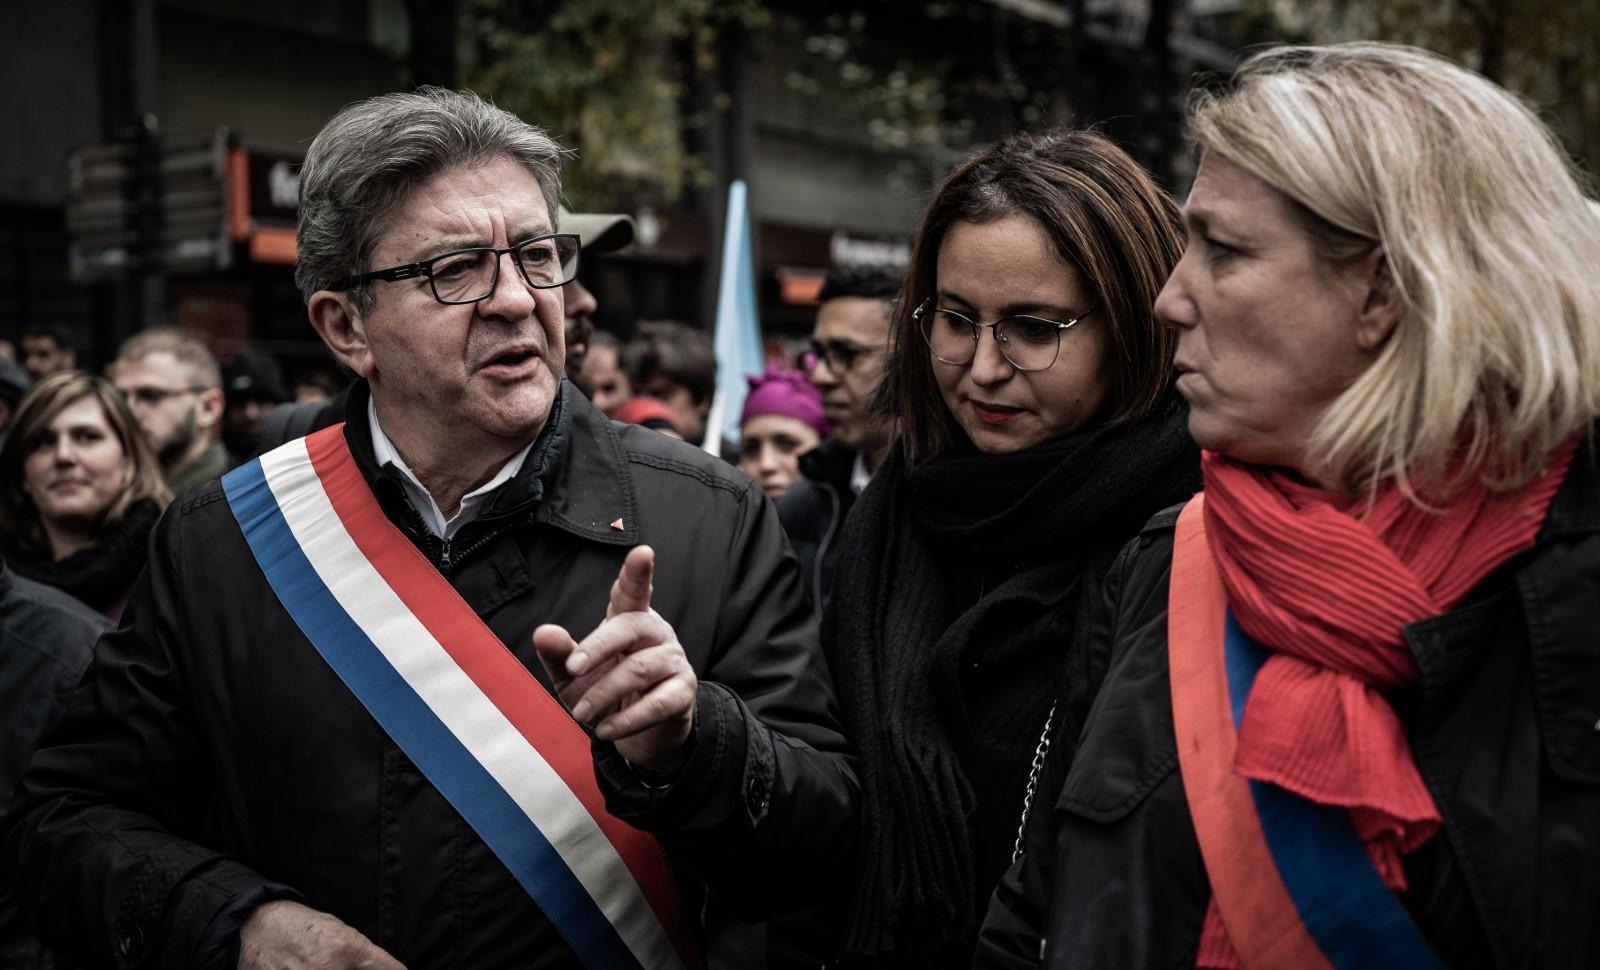 """Marche contre """"l'islamophobie"""". De gauche à droite, Jean-Luc Mélenchon, Farida Amrani et Danièle Simonnet de la France Insoumise © NICOLAS CLEUET / HANS LUCAS / AFP"""